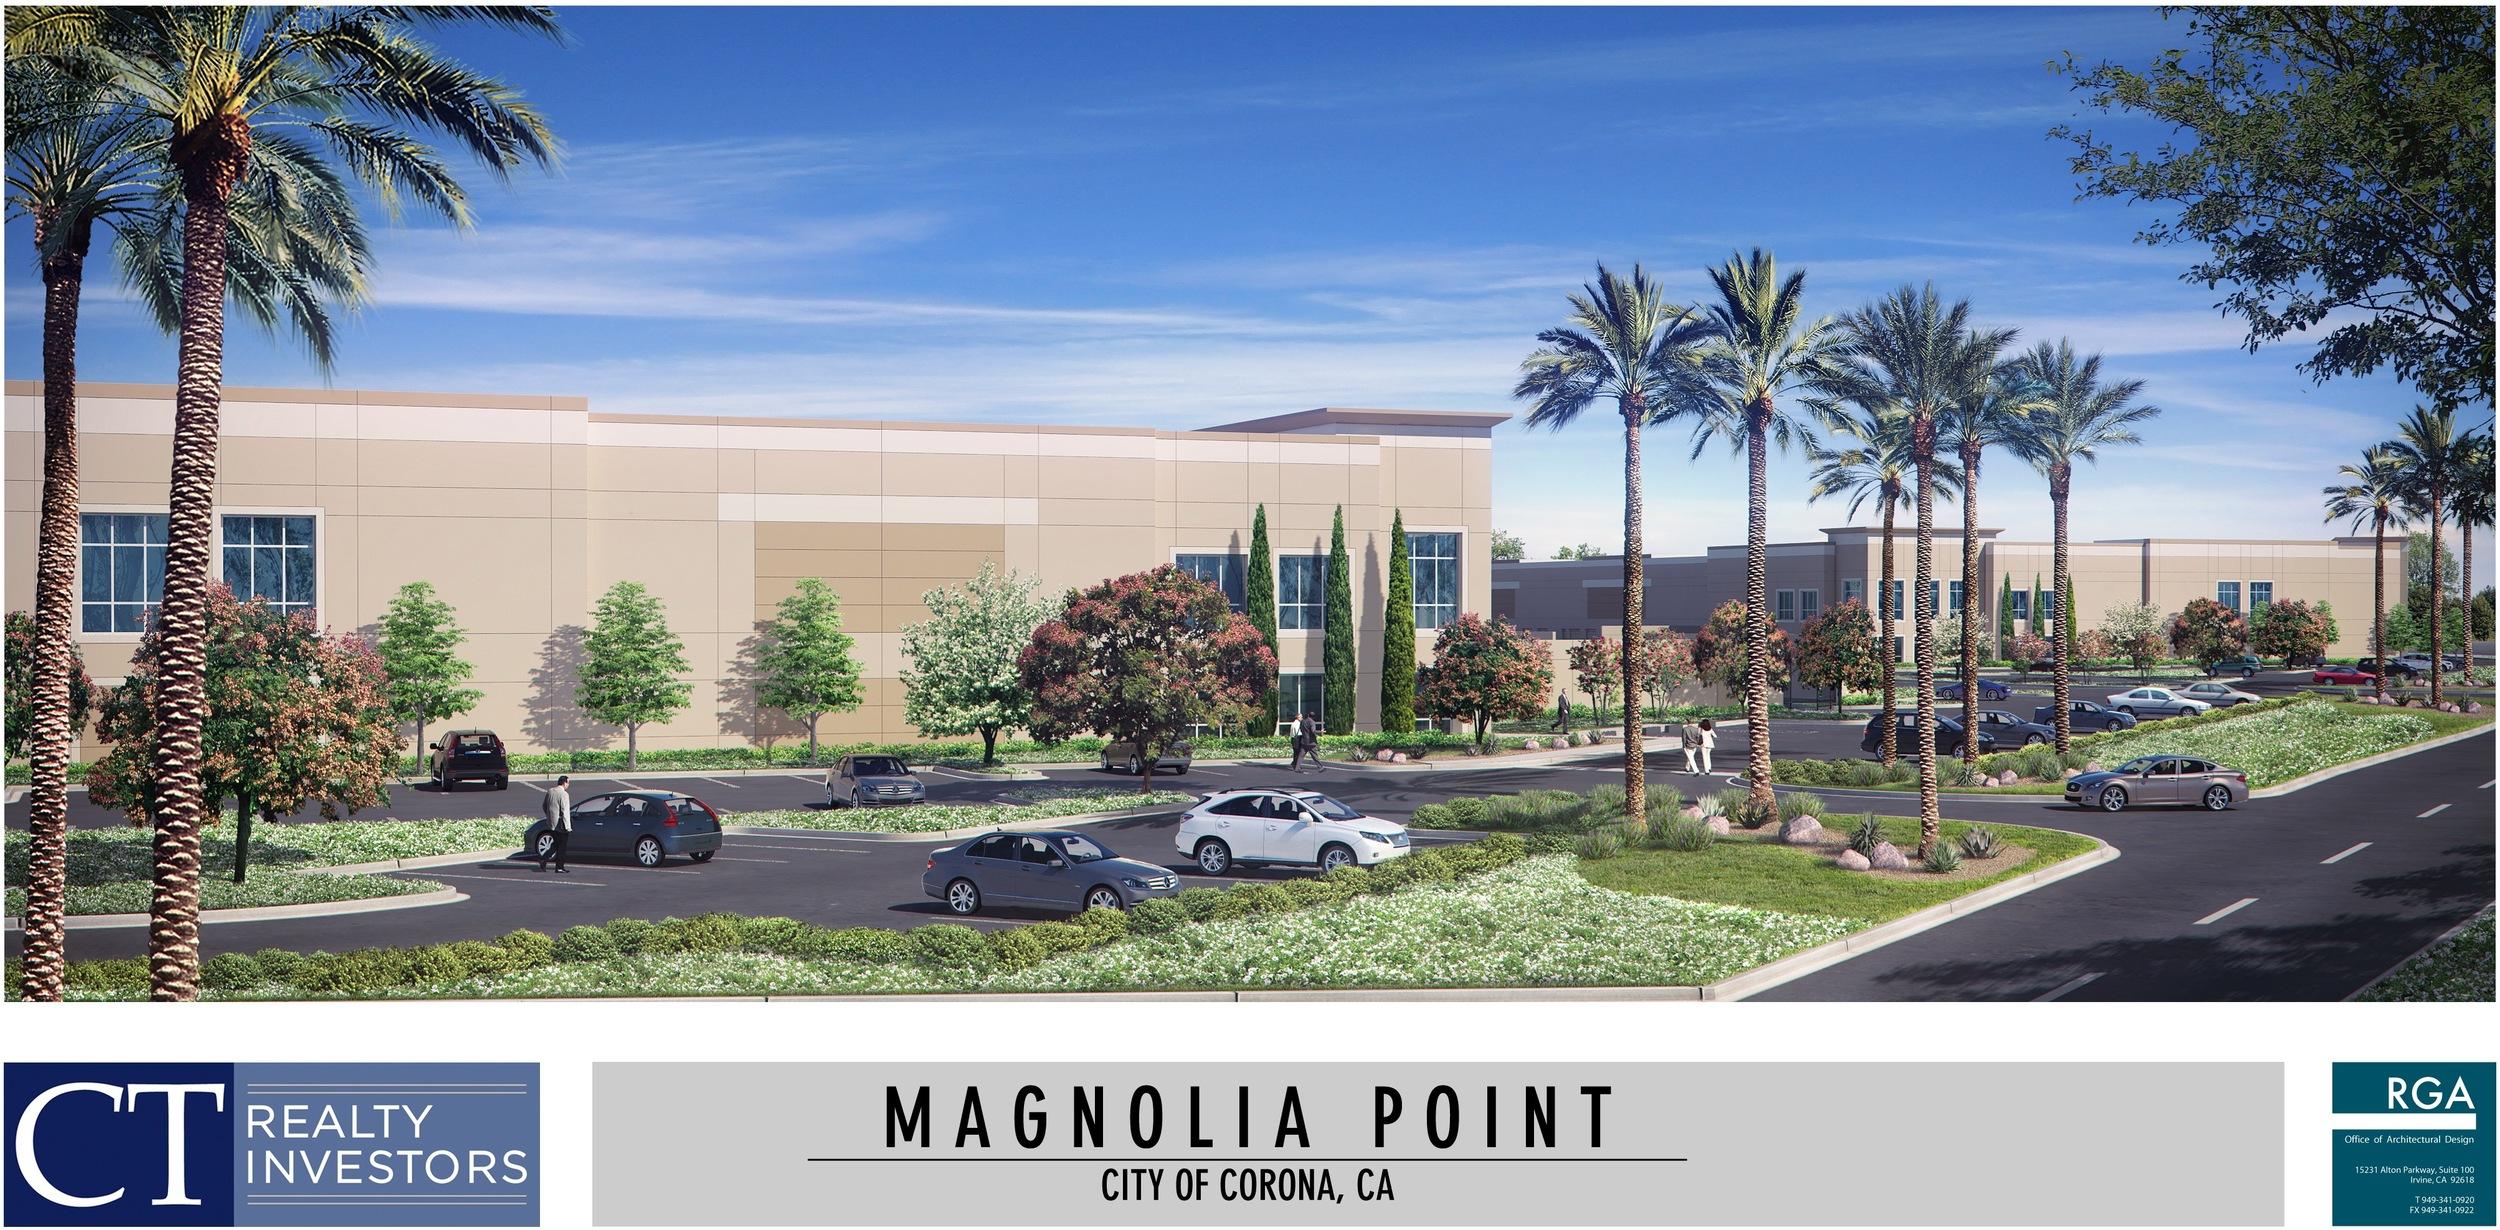 Magnolia Point-View 1 Crop.jpg